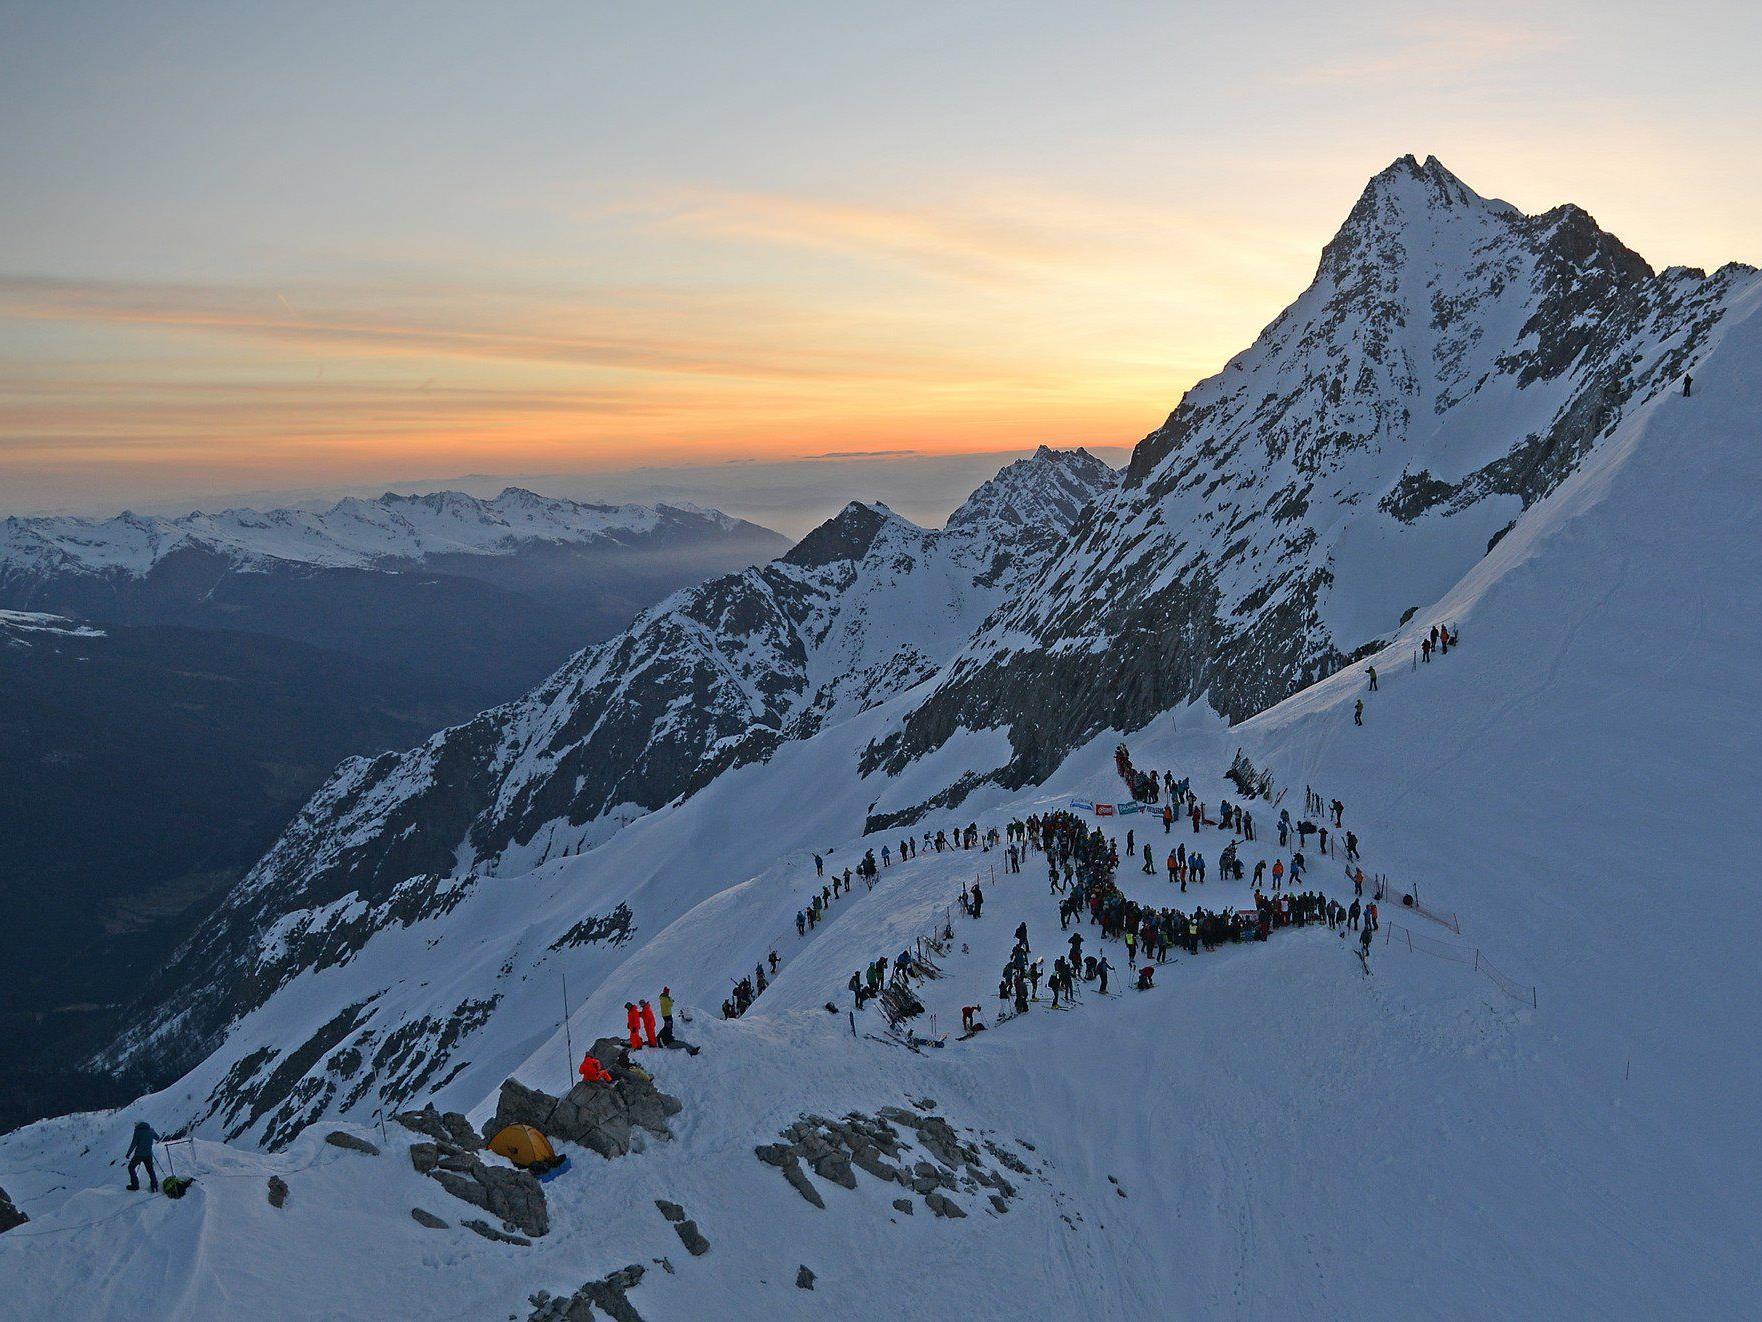 Fünf Vorarlberger waren beim schweren Skibergsteiger Event mit dabei.